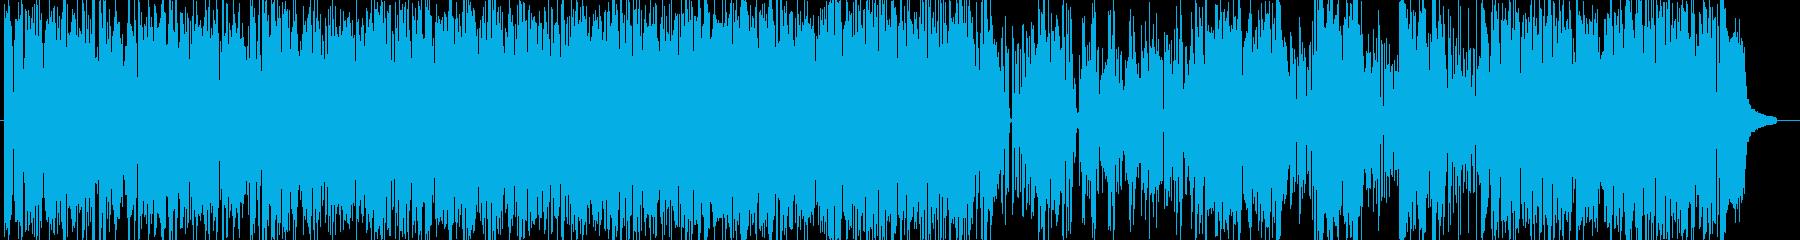 軽快なブルースピアノの再生済みの波形